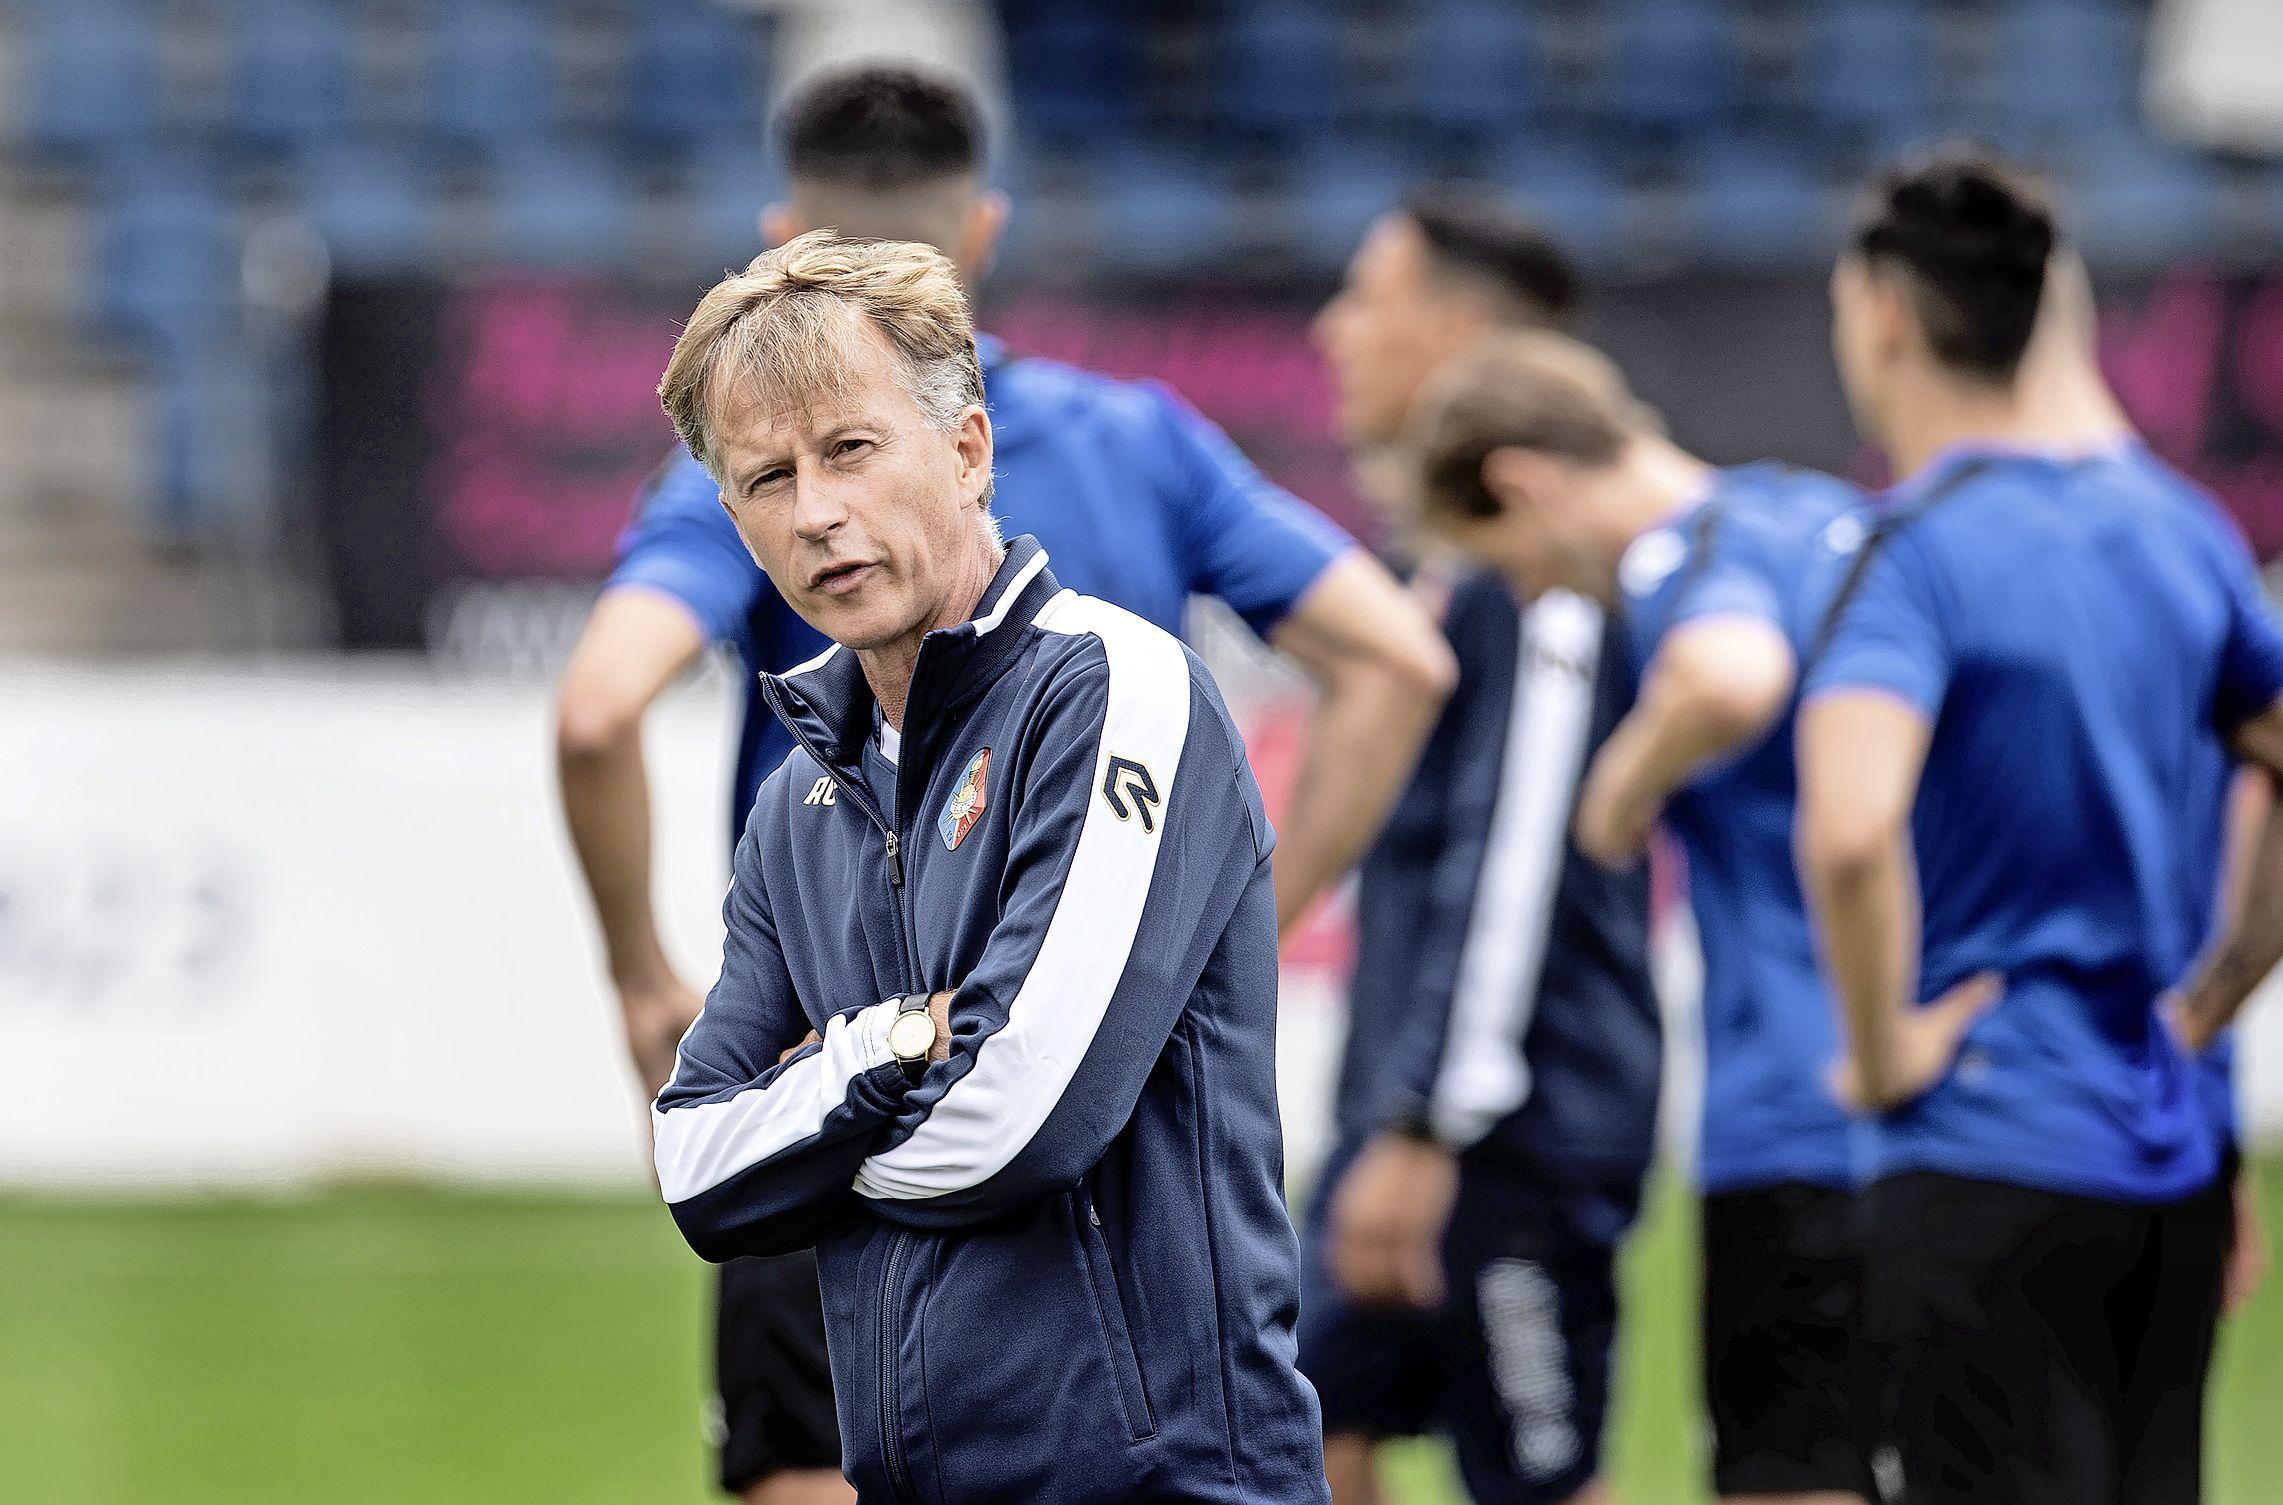 Telstar trainer Andries Jonker lijkt in 'stormwedstrijd' weer voor 5-3-2 systeem te gaan: 'Maar ik wil het 4-4-2 systeem van vorige week niet meteen de prullenbak ingooien'